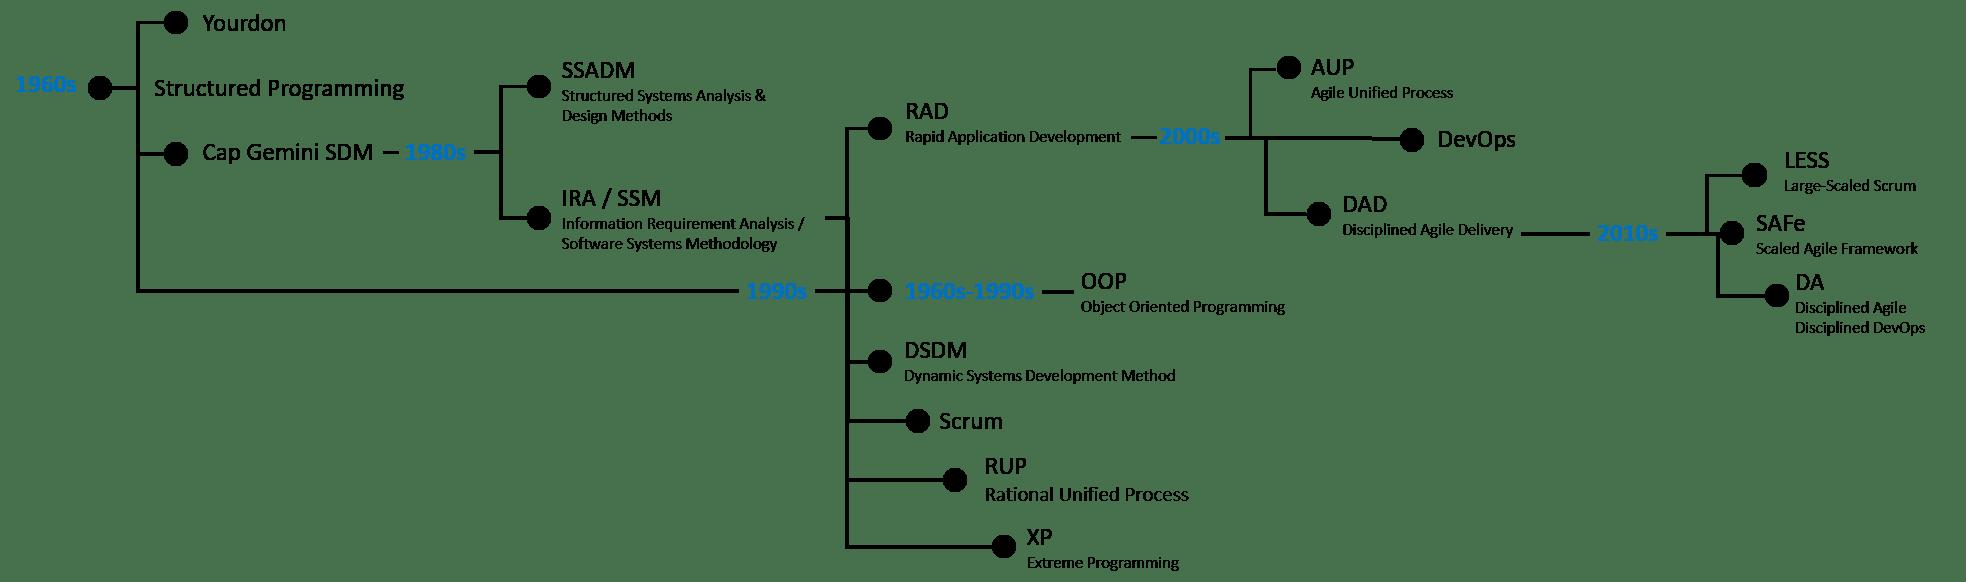 DevOps DNA timeline